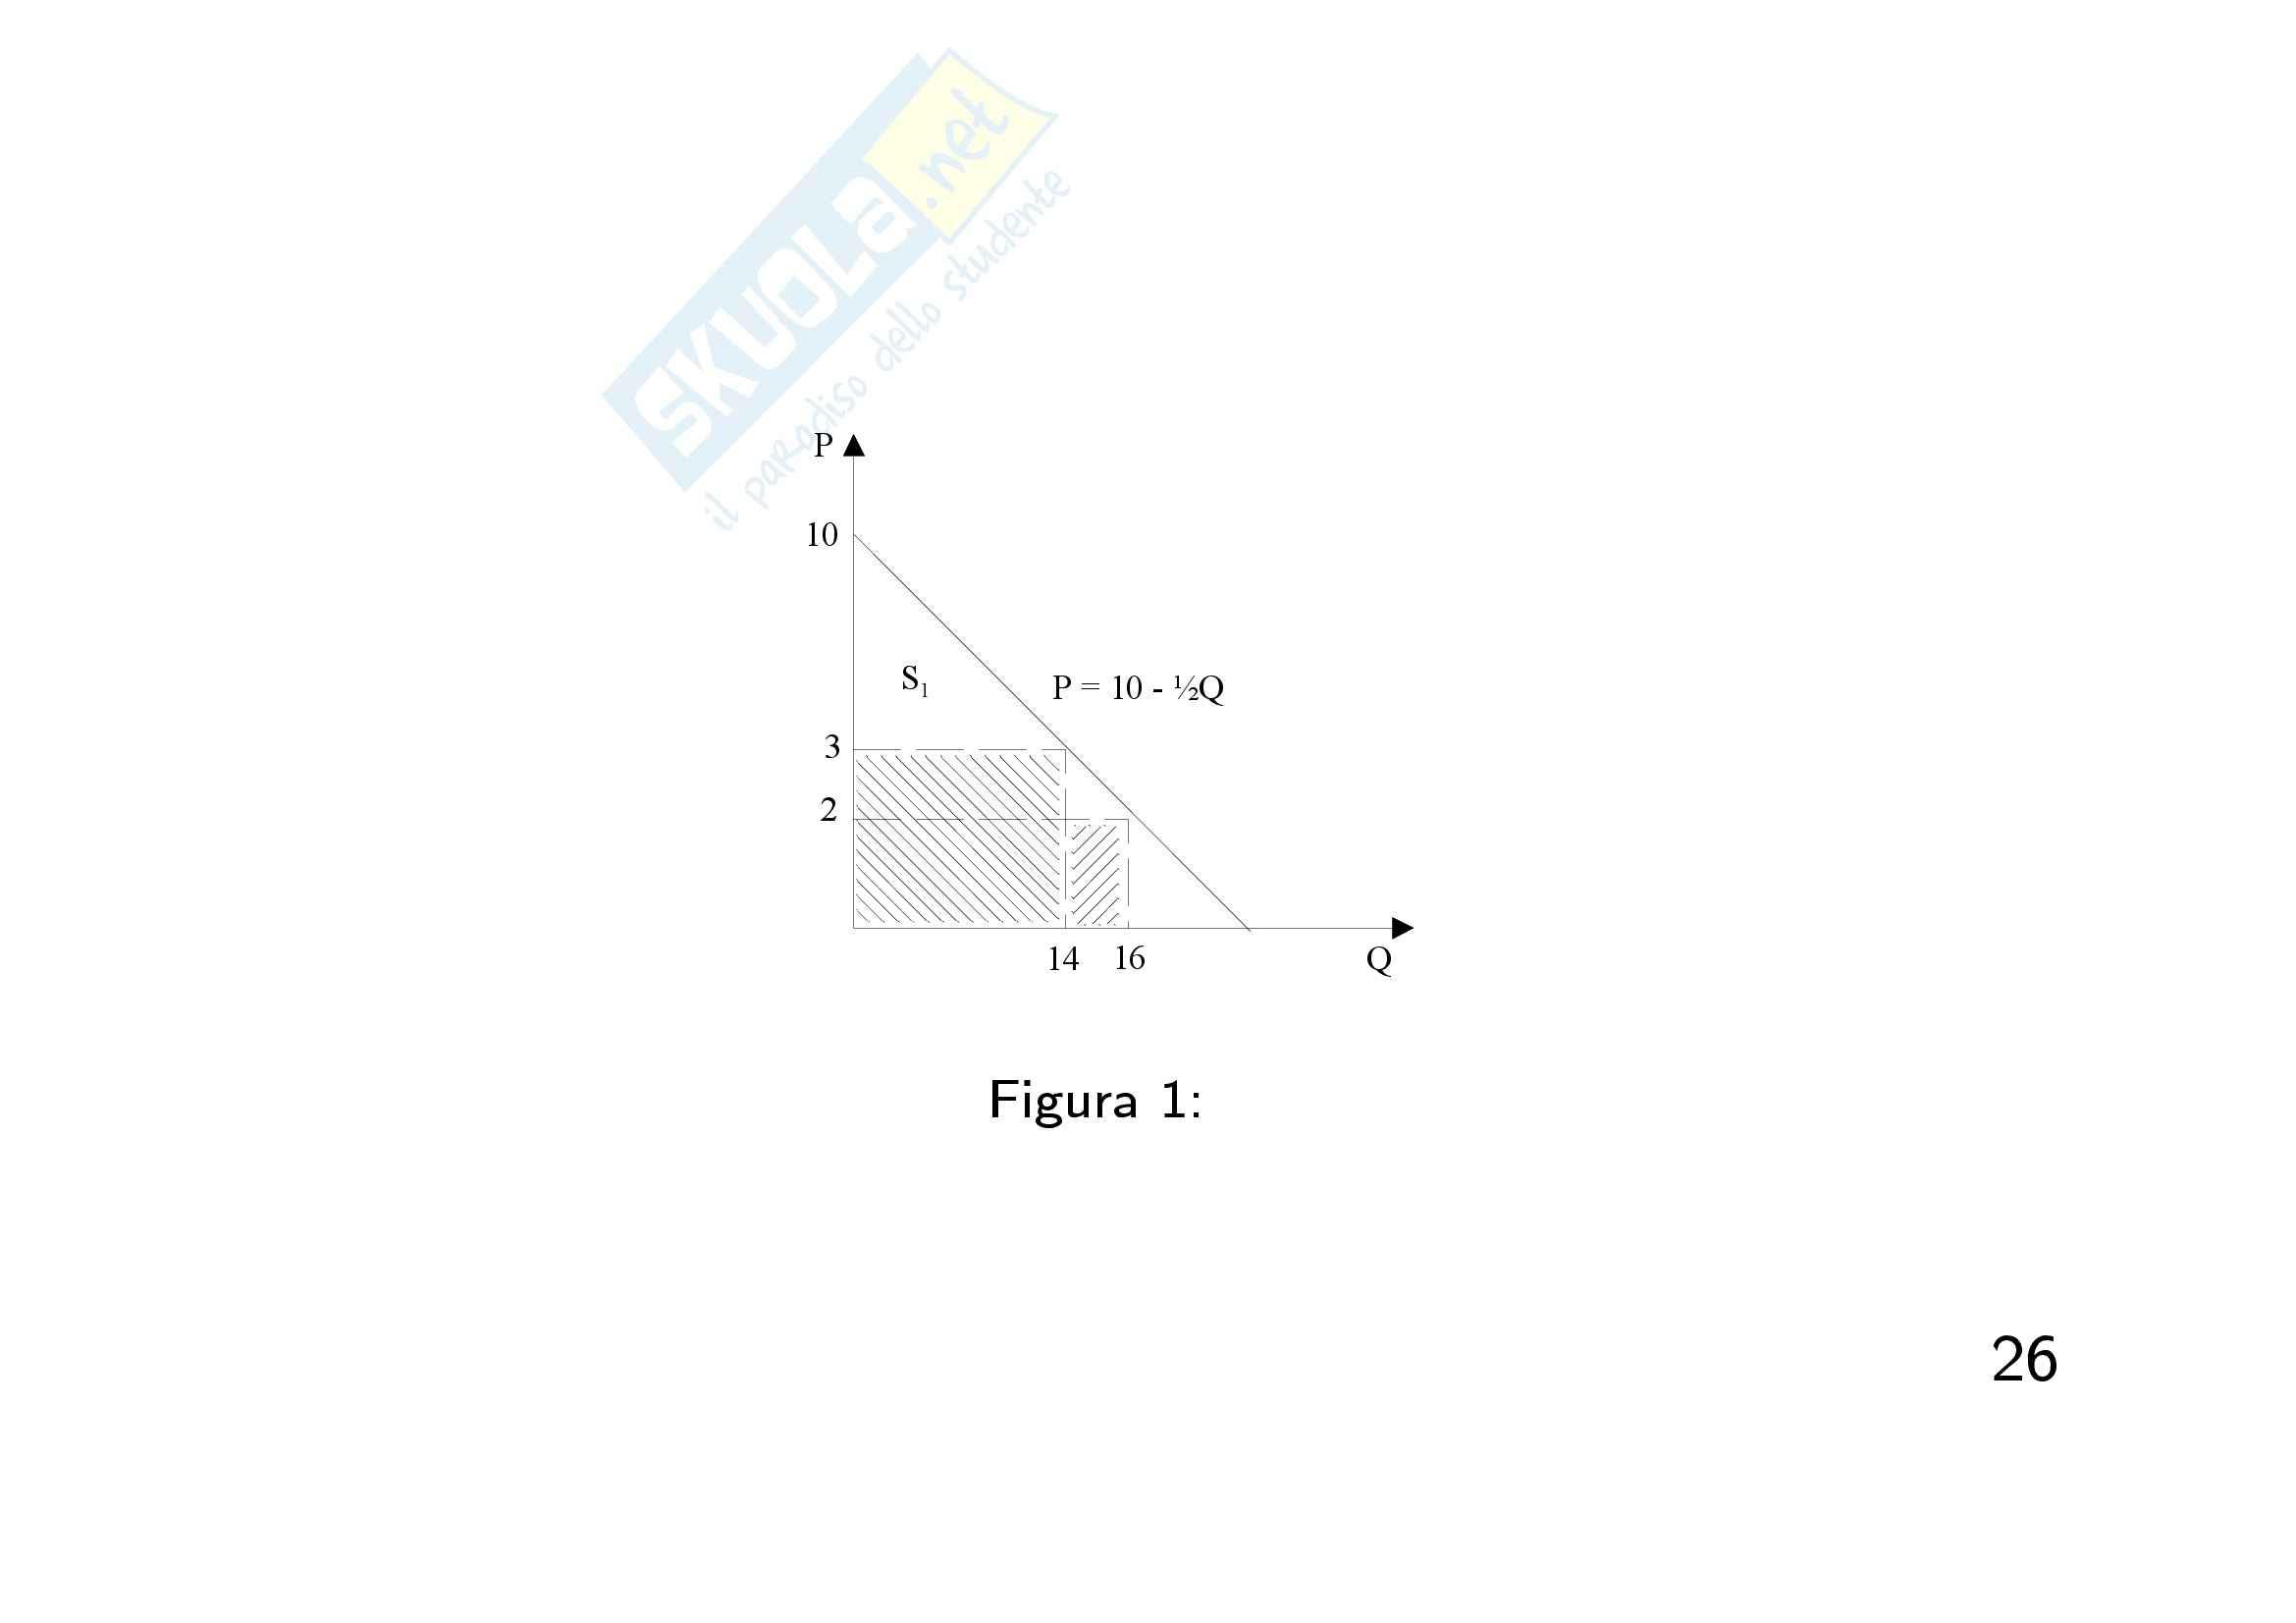 Economia finanziaria - la domanda Pag. 26